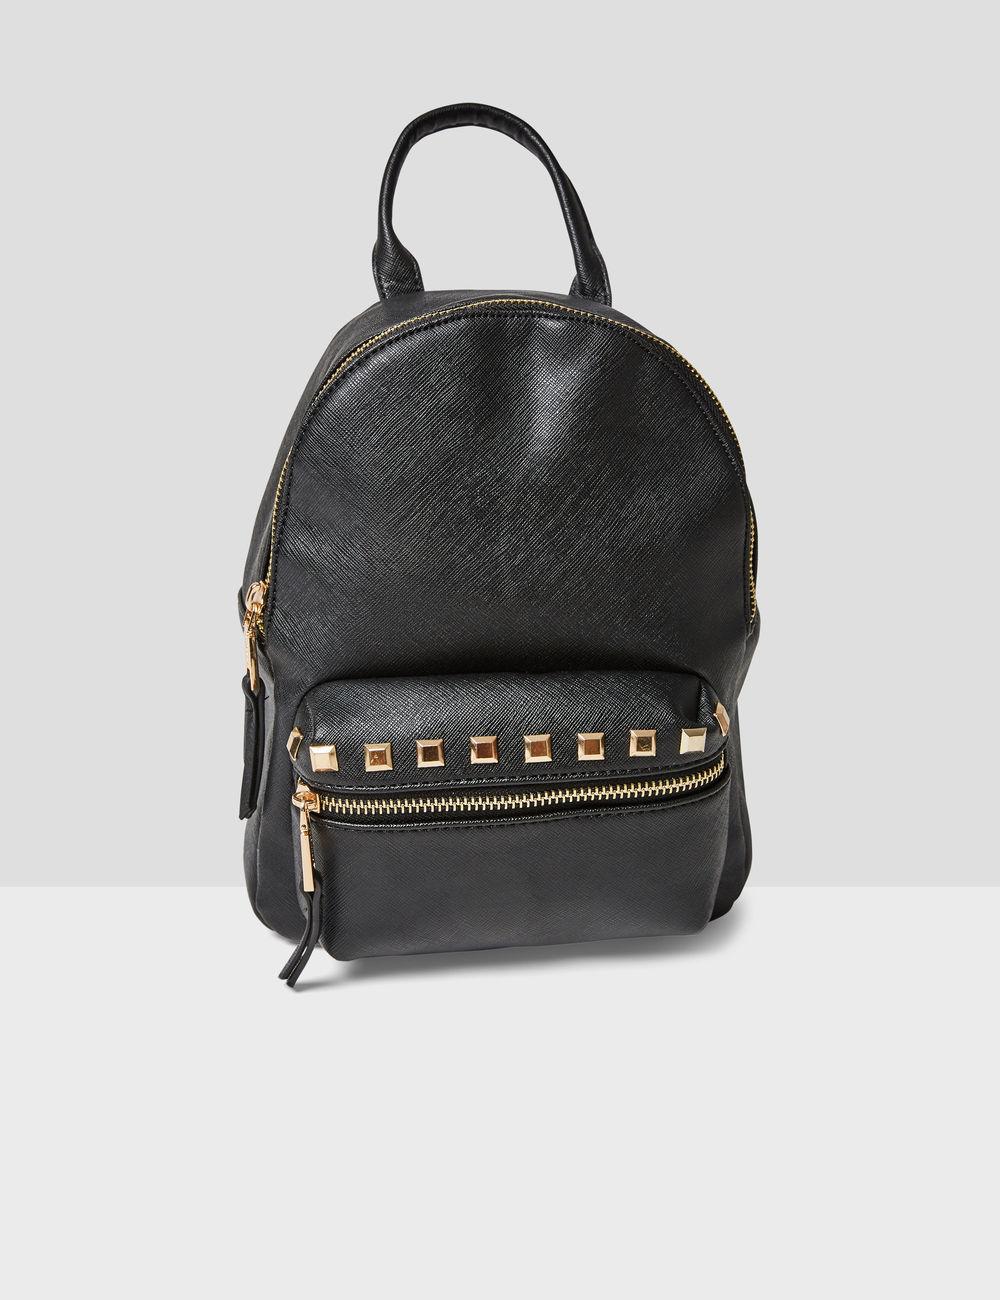 petit sac à dos clouté noir Jennyfer prix 19,99 €